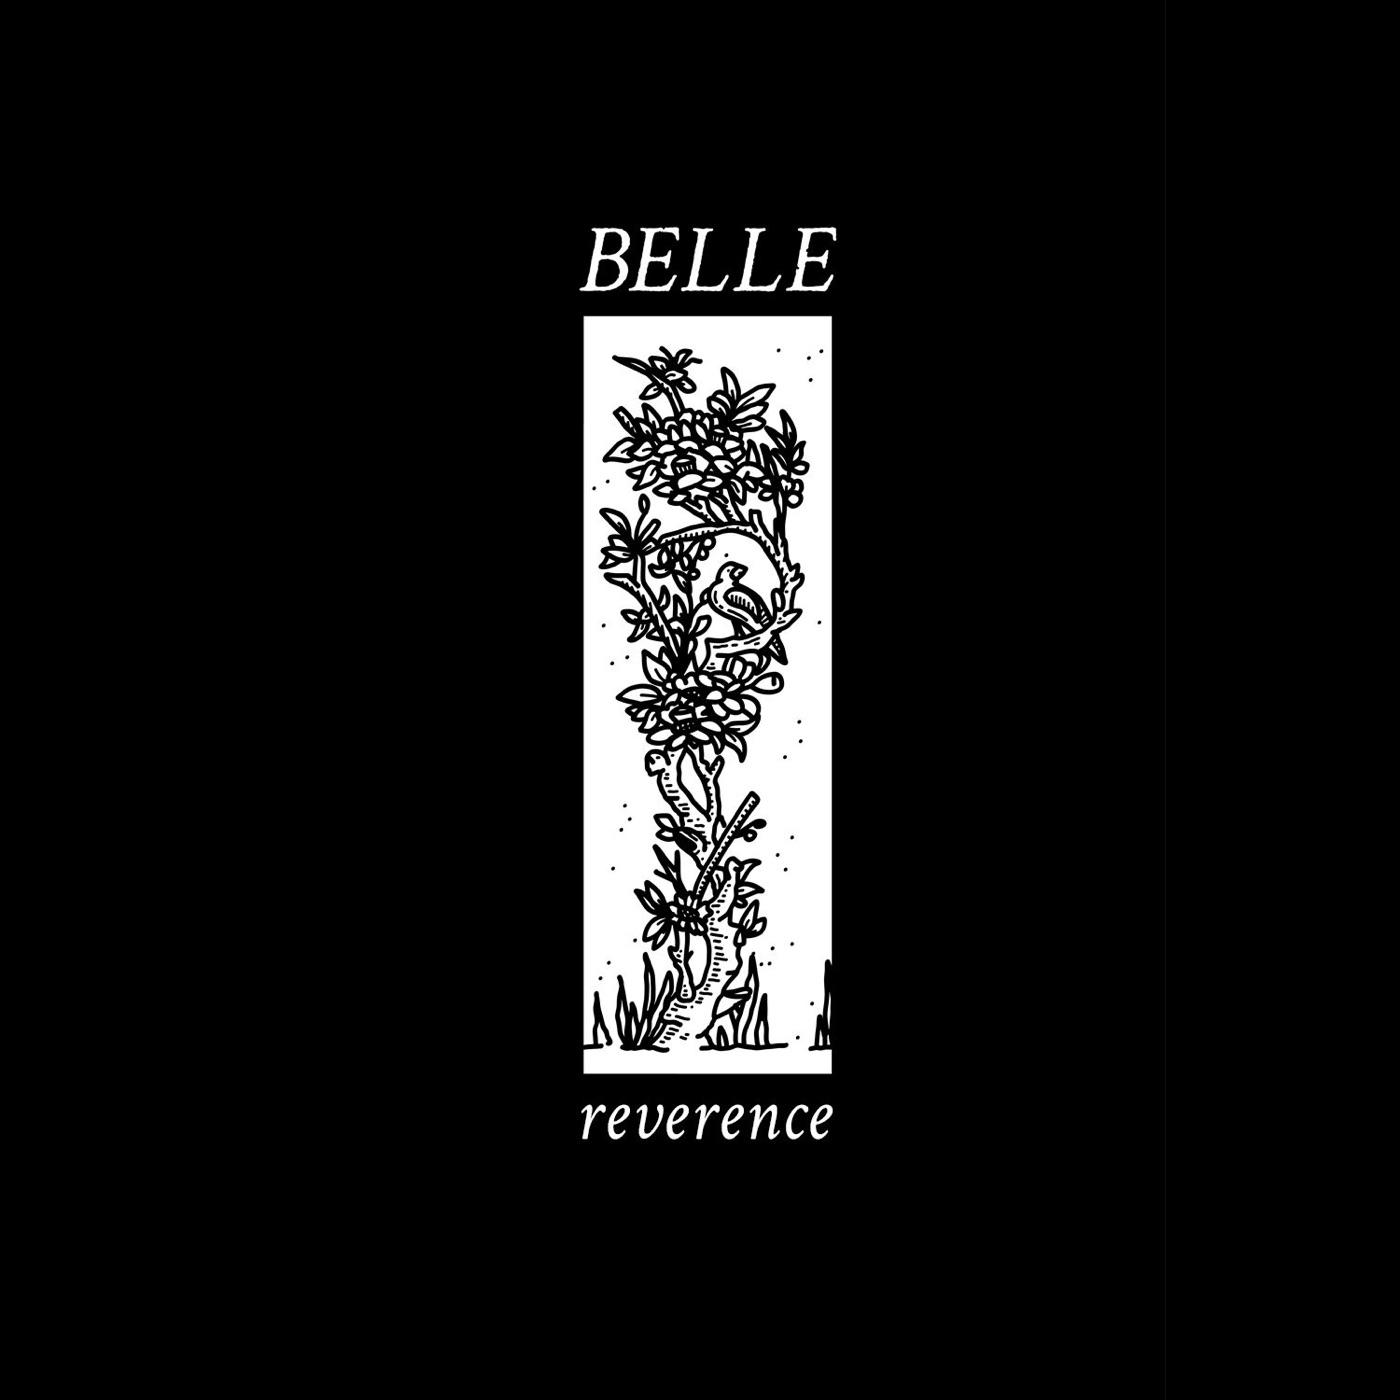 Belle - Reverence [Single] (2018)